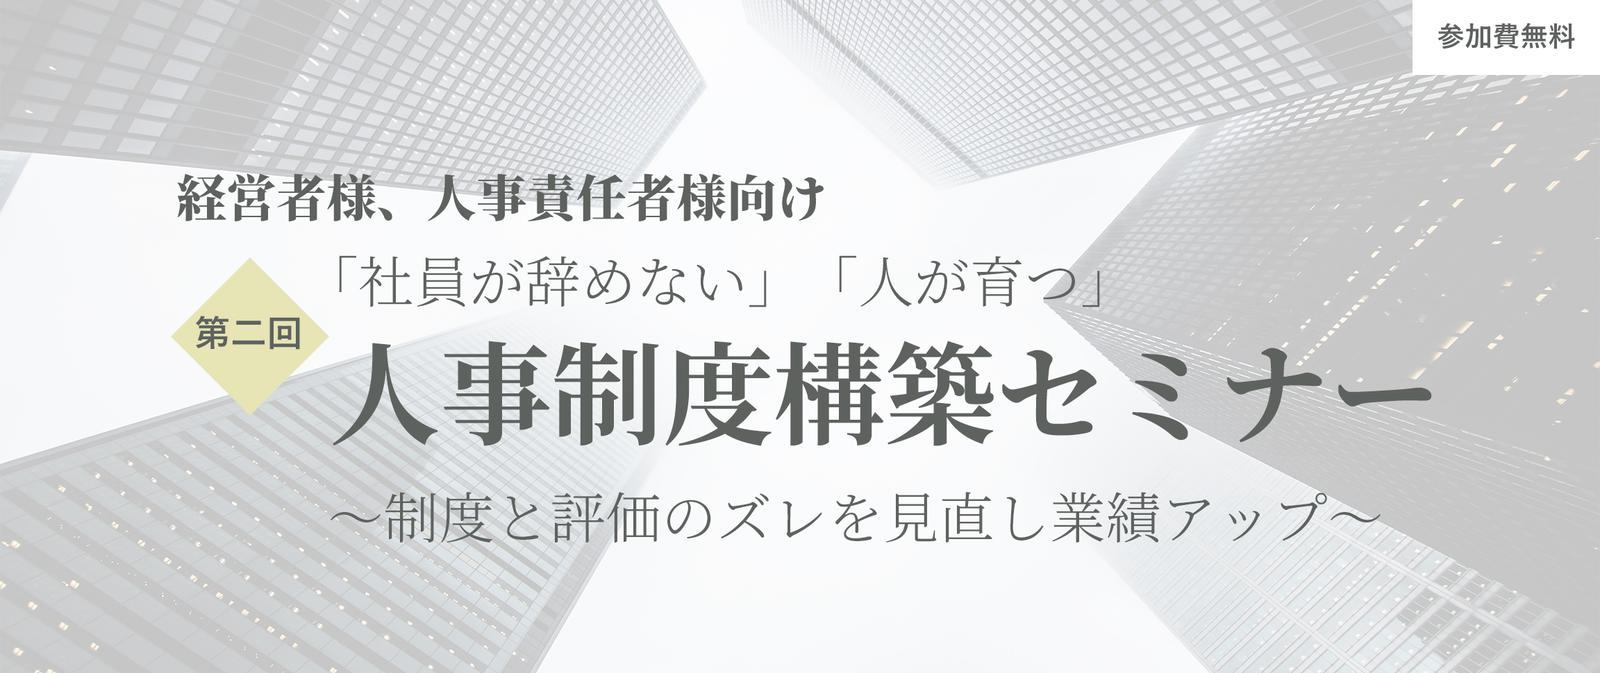 「社員が辞めない」「人が育つ」人事制度構築セミナー、東京・神田で開催